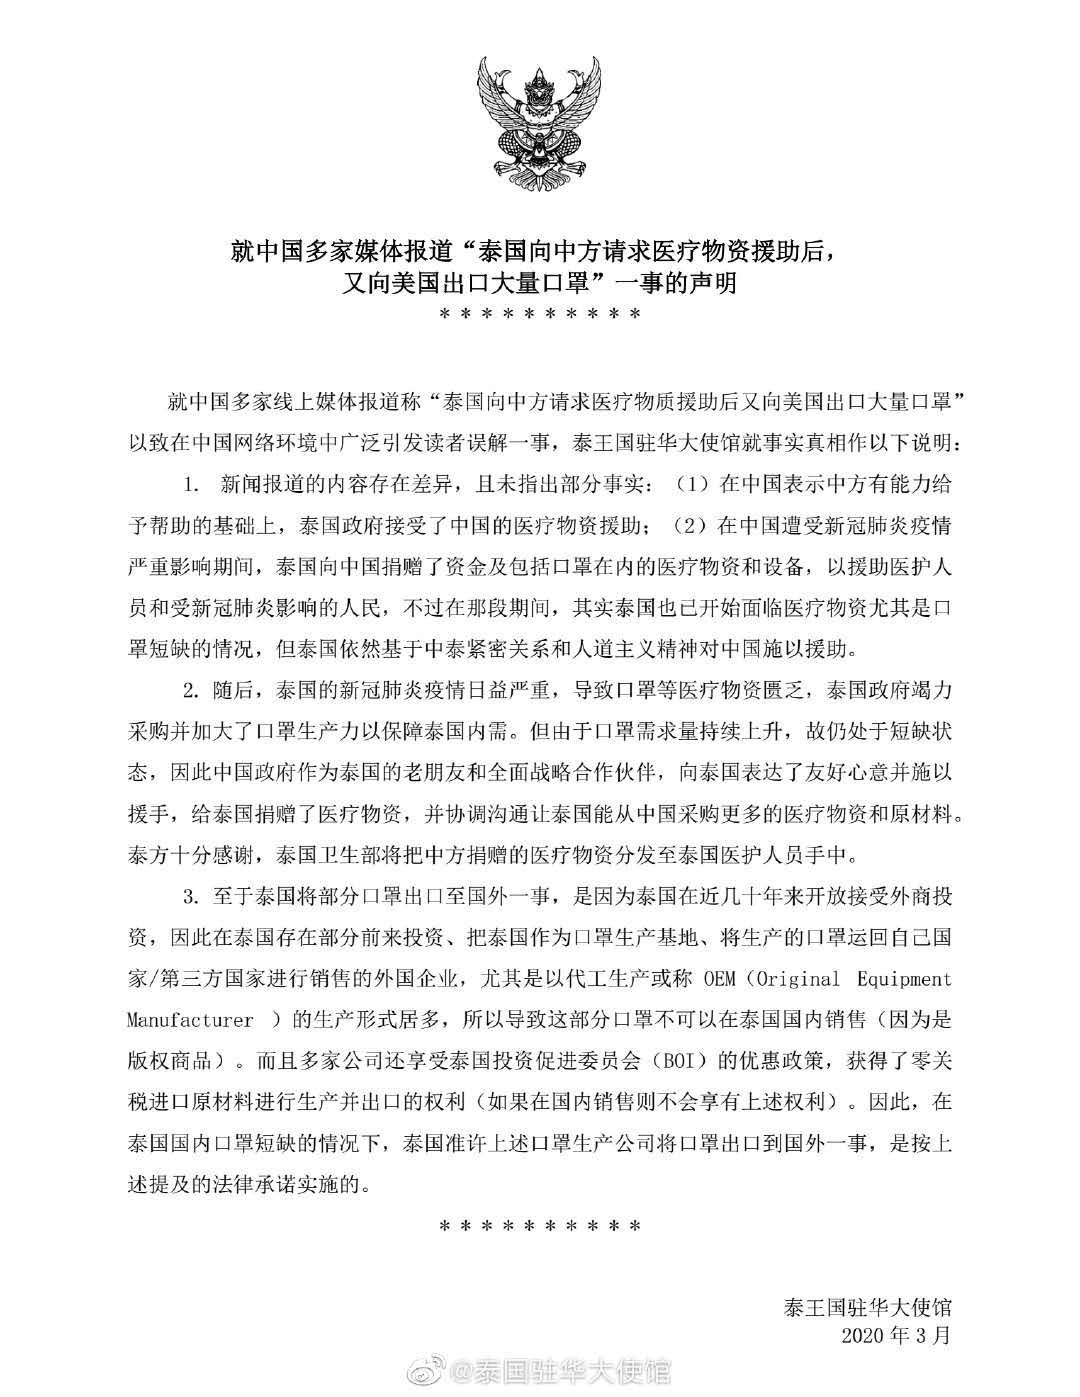 向中国求医疗物资援助后给美国出口大量口罩?泰王国向中国网民解释